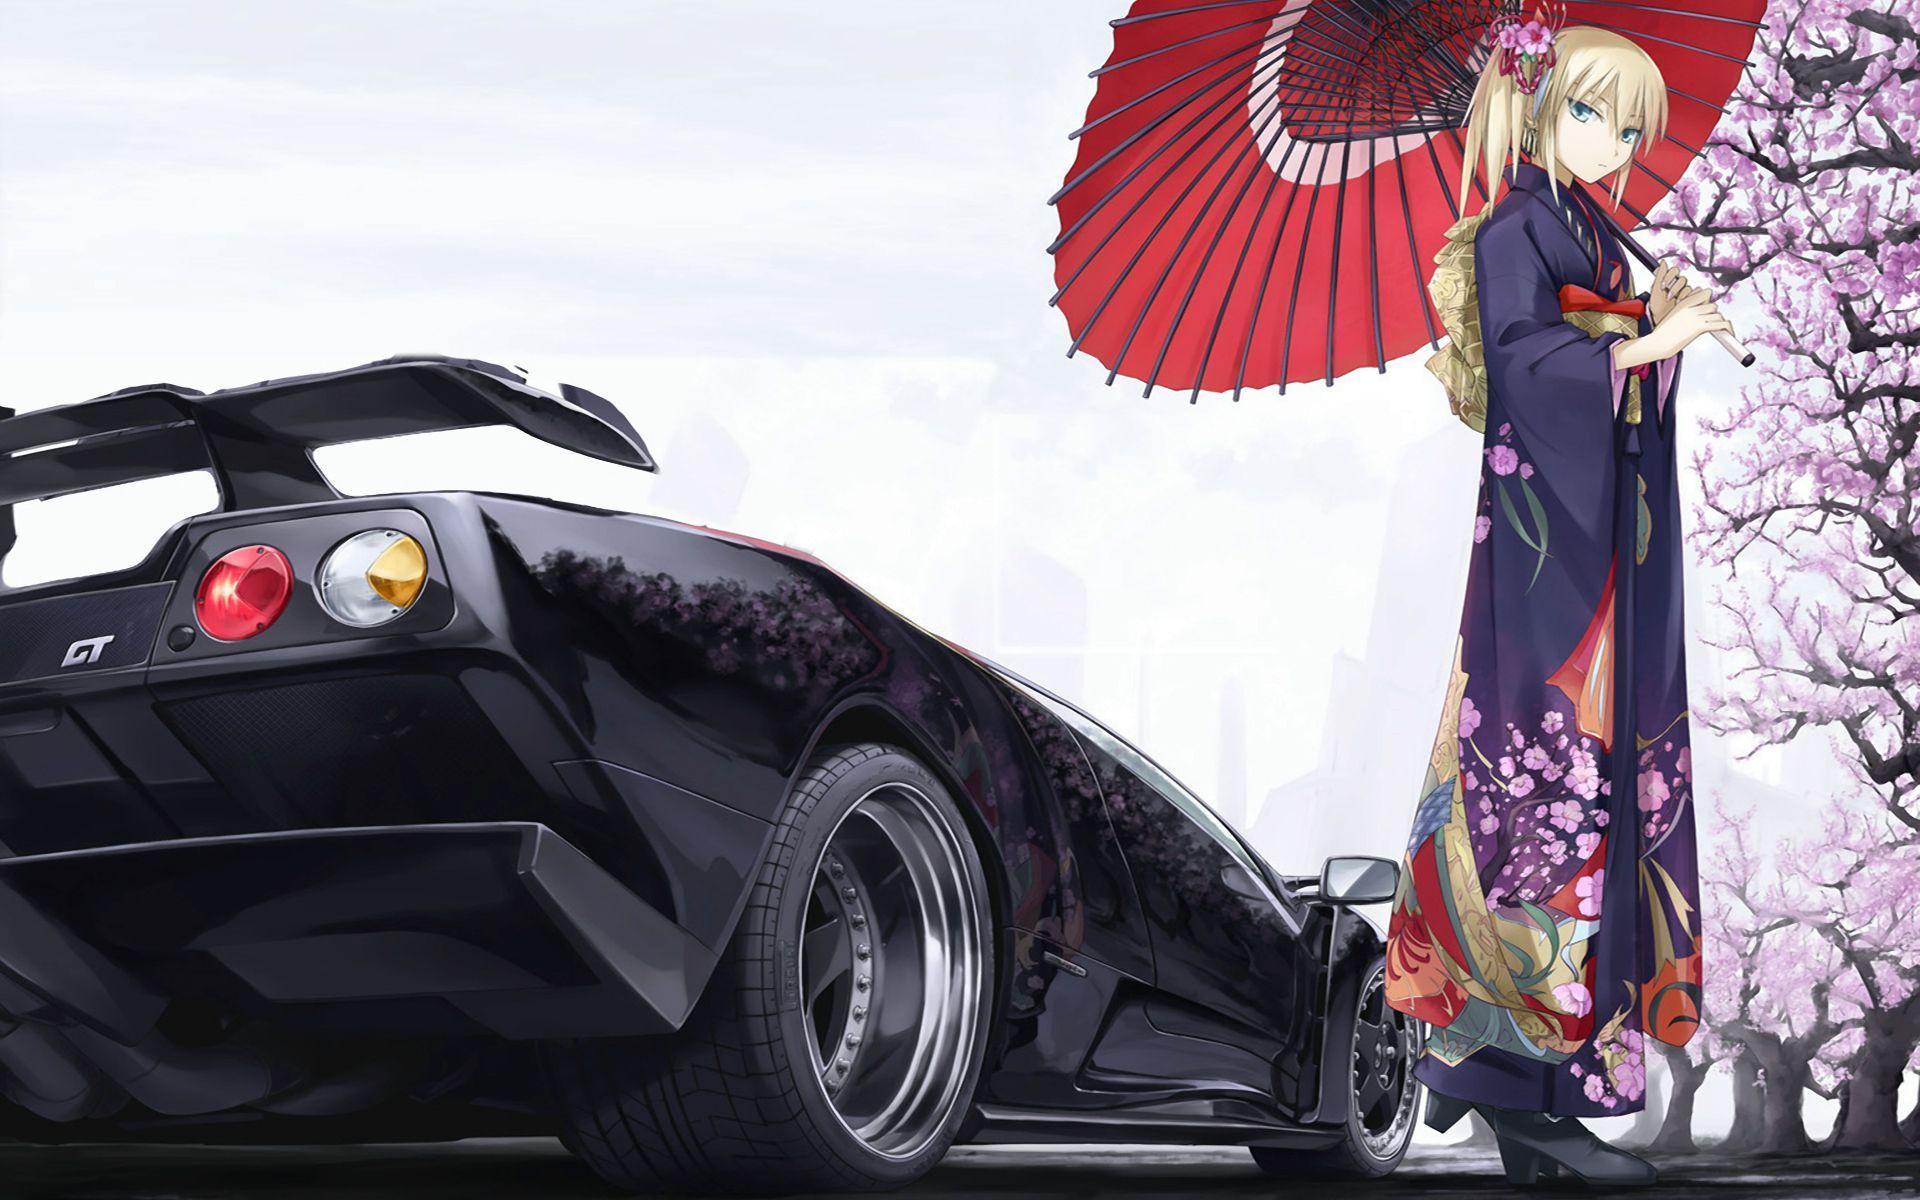 Anime Girl Jdm Wallpaper - Anime Wallpaper HD